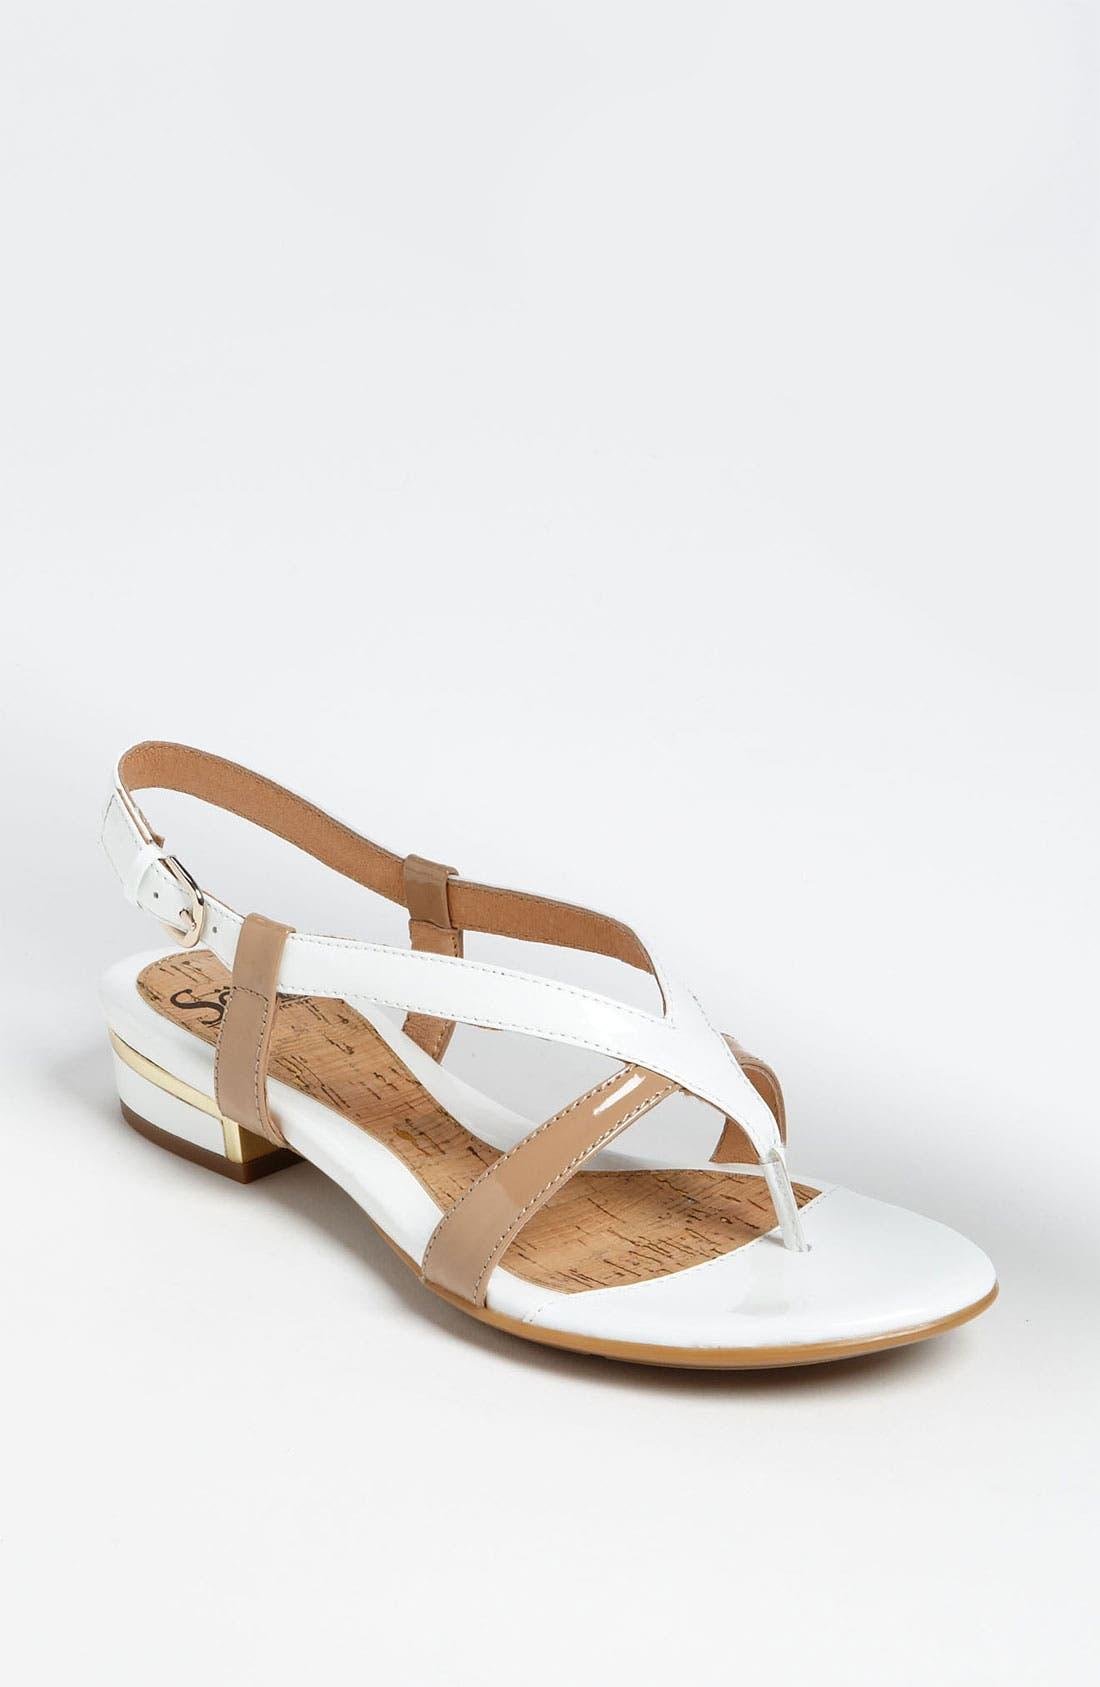 Alternate Image 1 Selected - Söfft 'Blyss' Sandal